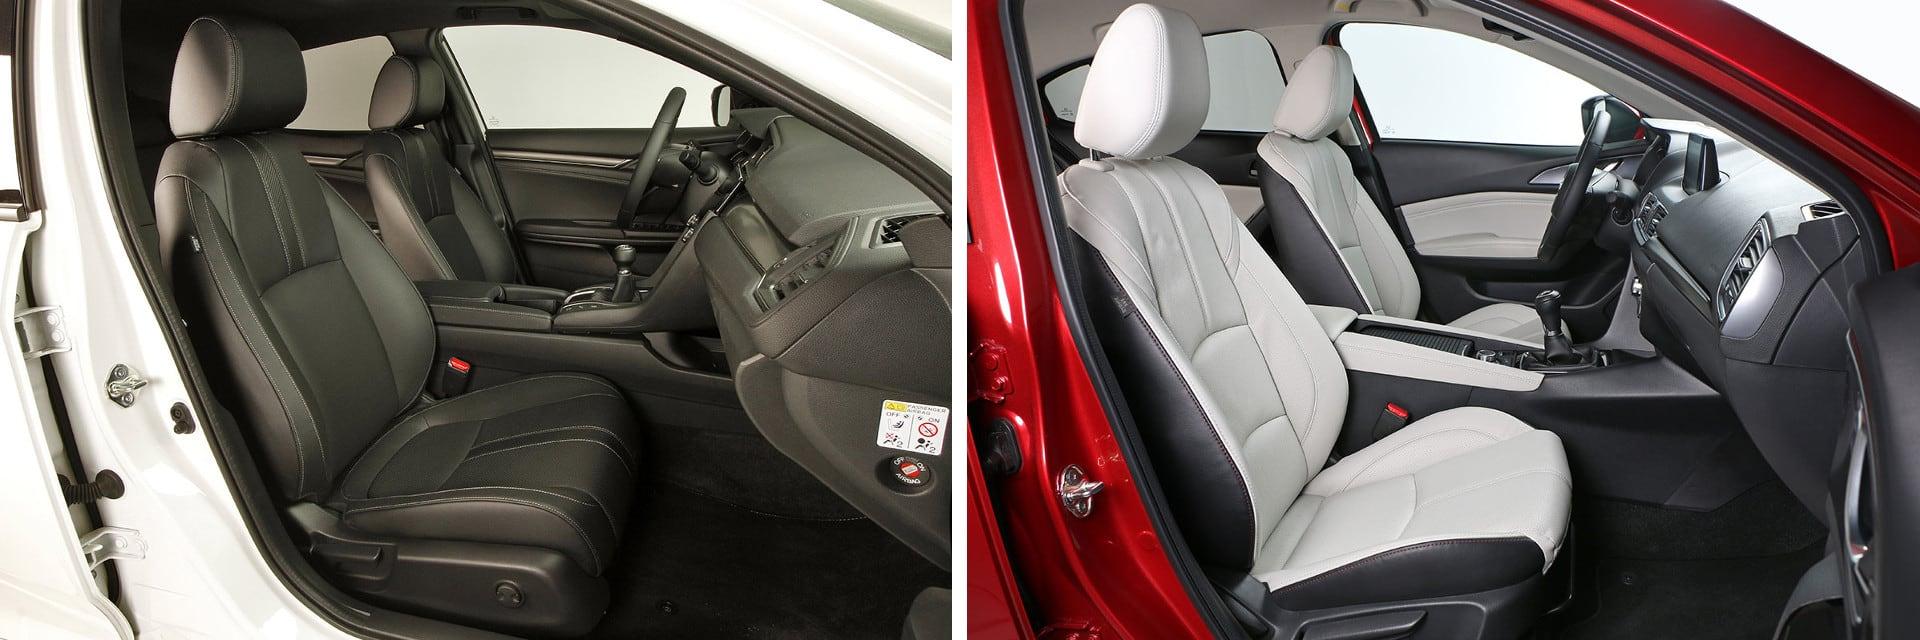 El Honda Civic con el acabado Elegance (izq.) viene de serie con los asientos delanteros calefactados, algo que en el Mazda3 (dcha.) no está disponible.